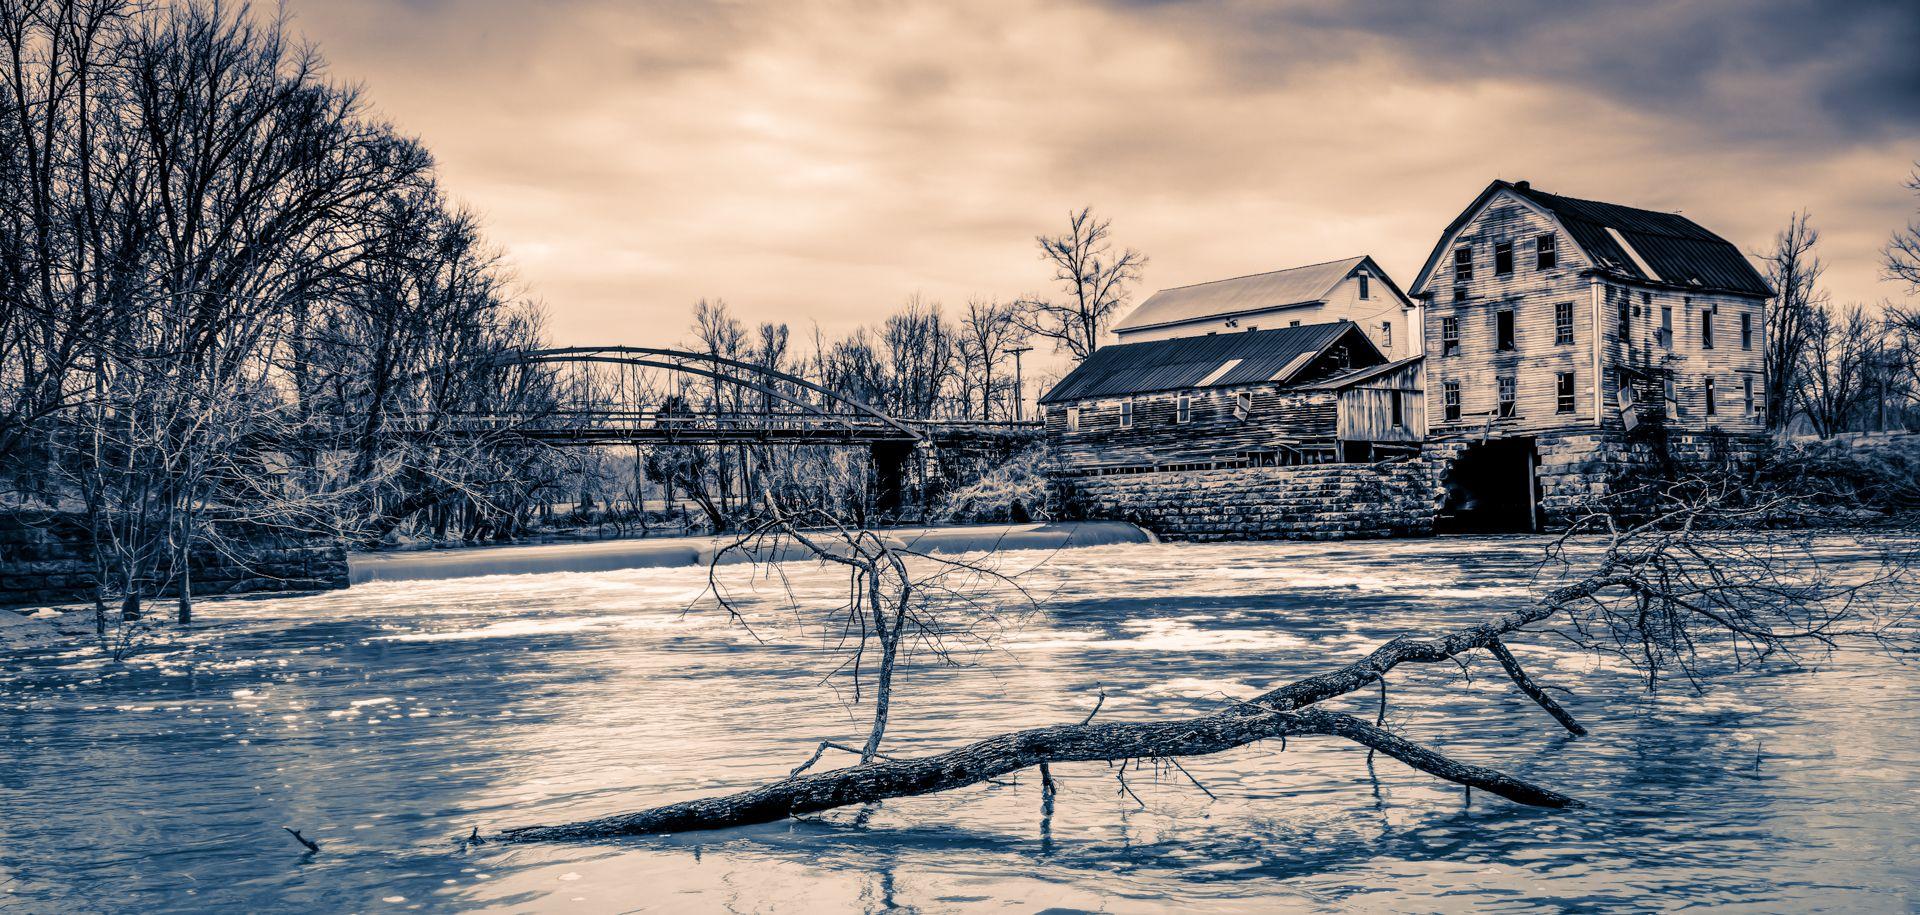 Falls of Rough & Mill, Kentucky